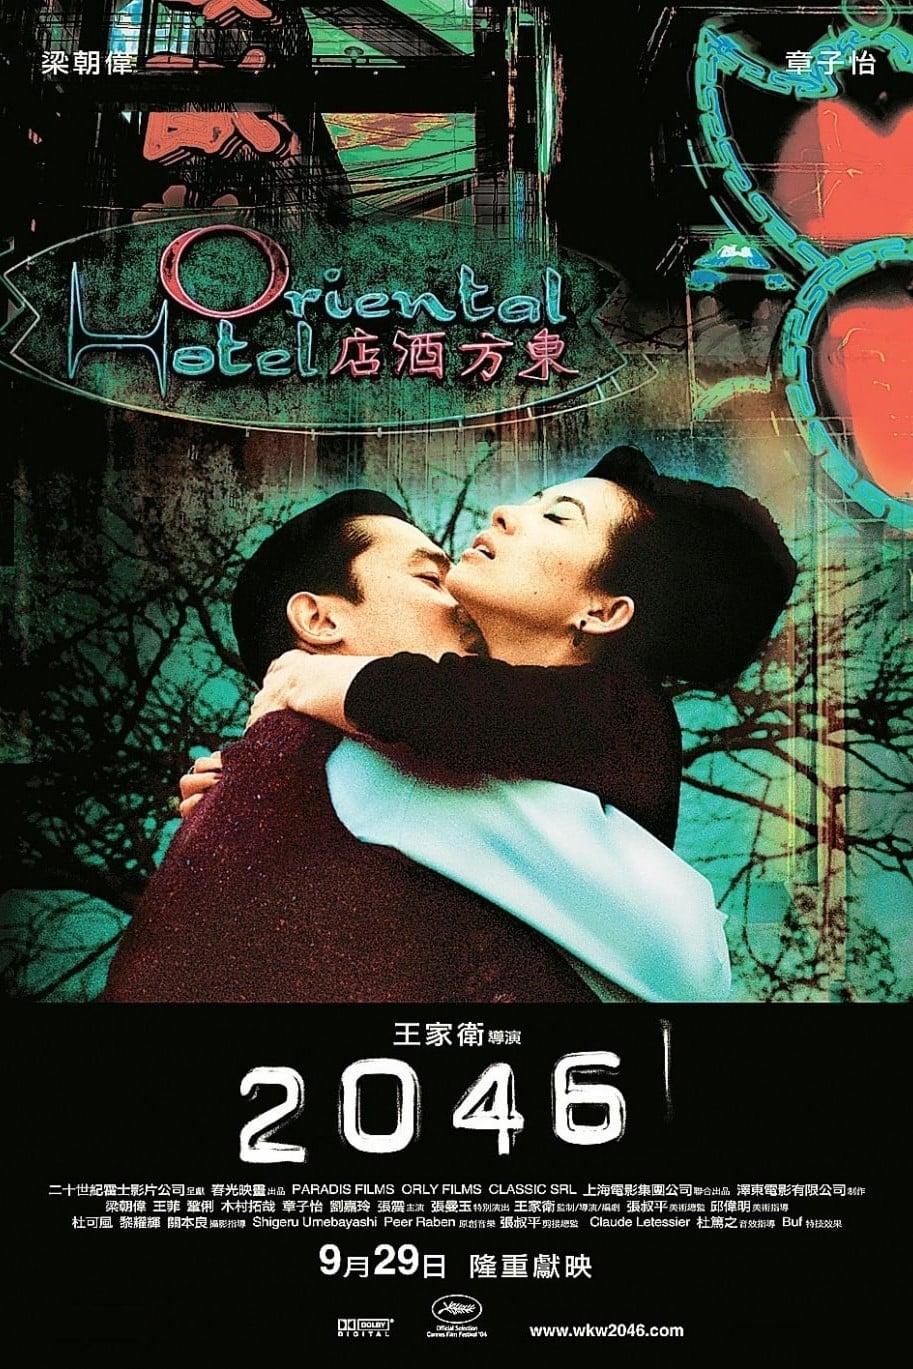 Căn phòng 2046 - 2046 (2004)